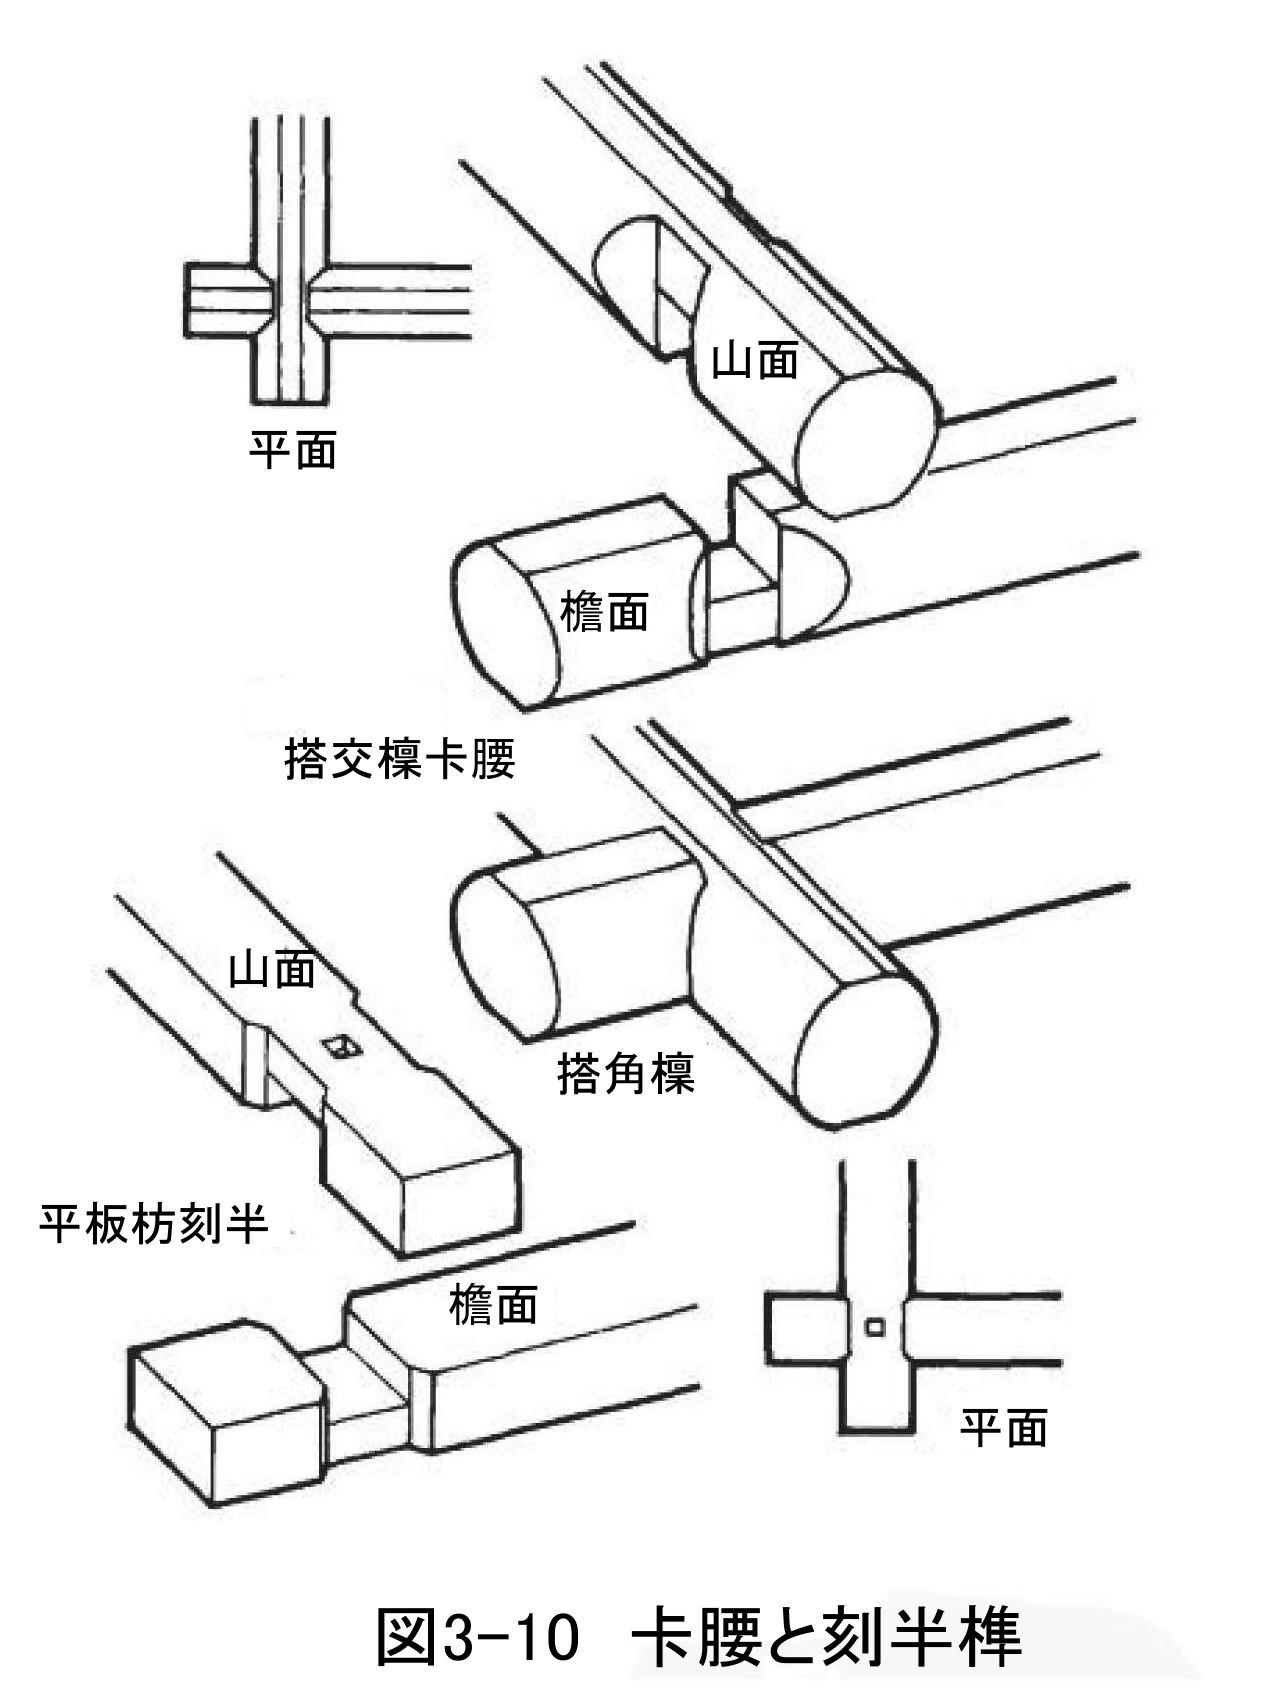 266 中国古建築のほぞと継ぎ手(1)_e0309314_23090910.jpg